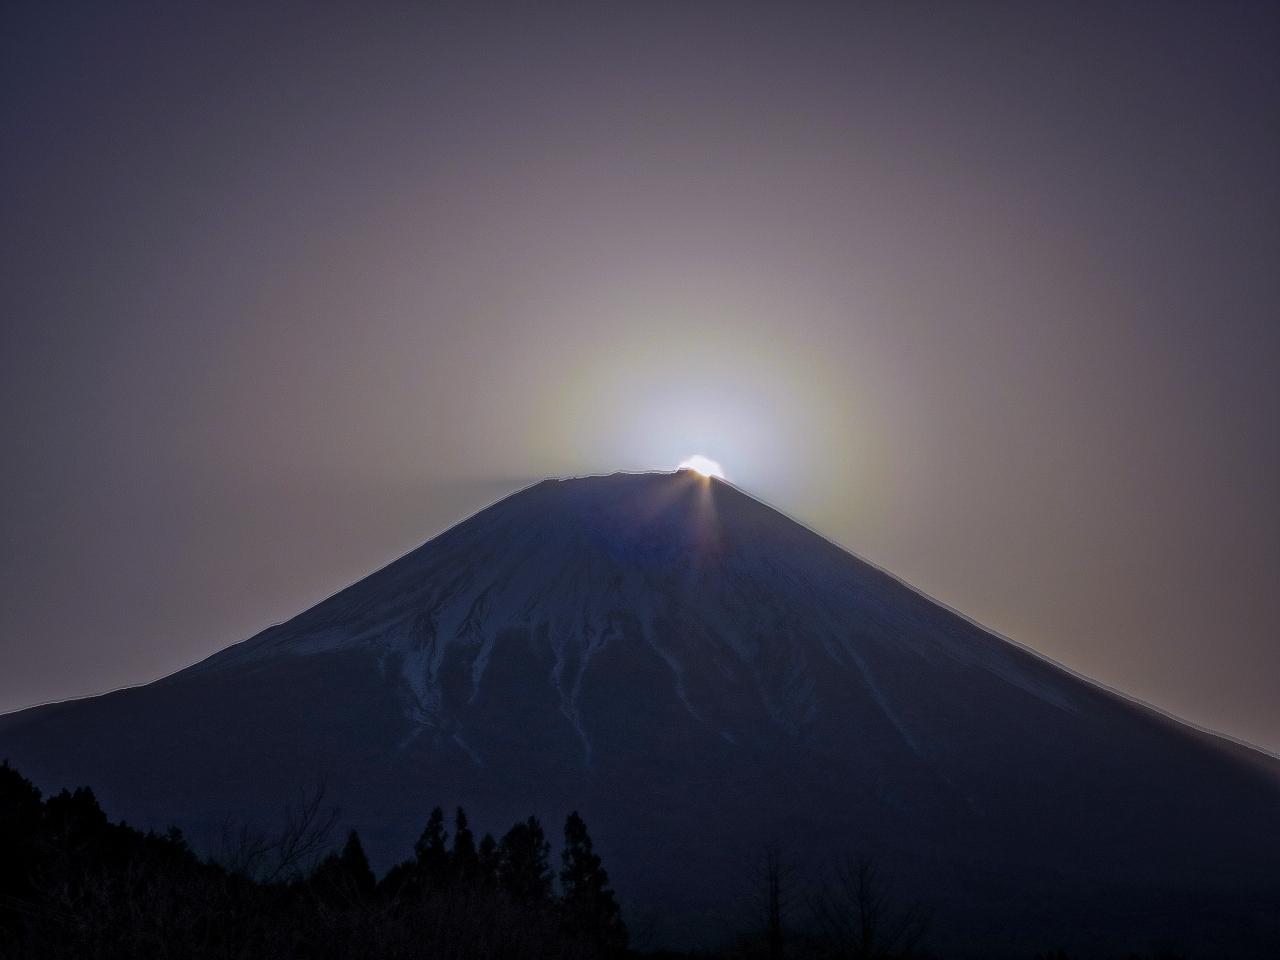 2020.3.21早朝の富士山(朝霧高原)_e0321032_14105703.jpg